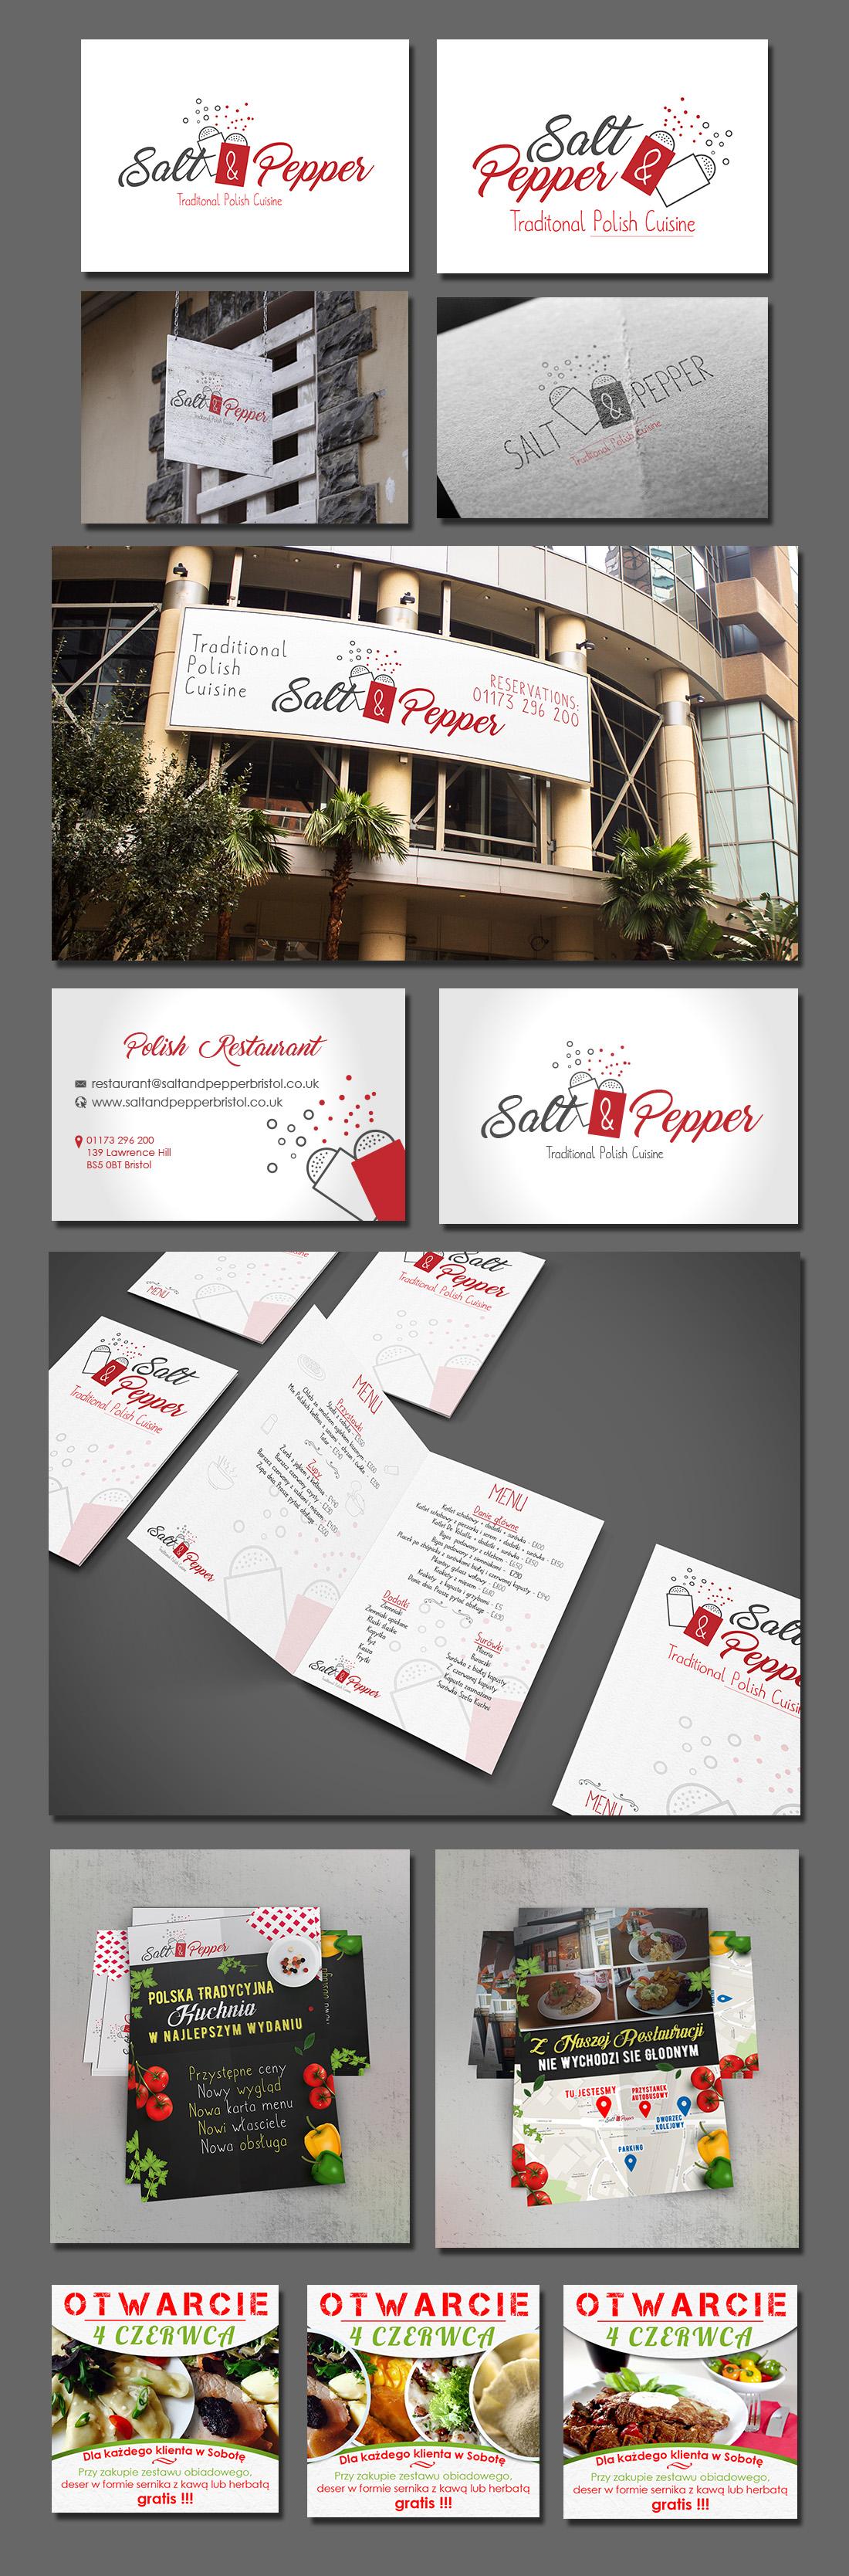 projekt identyfikacji wizualnej Salt and Pepper firma negaton grafika